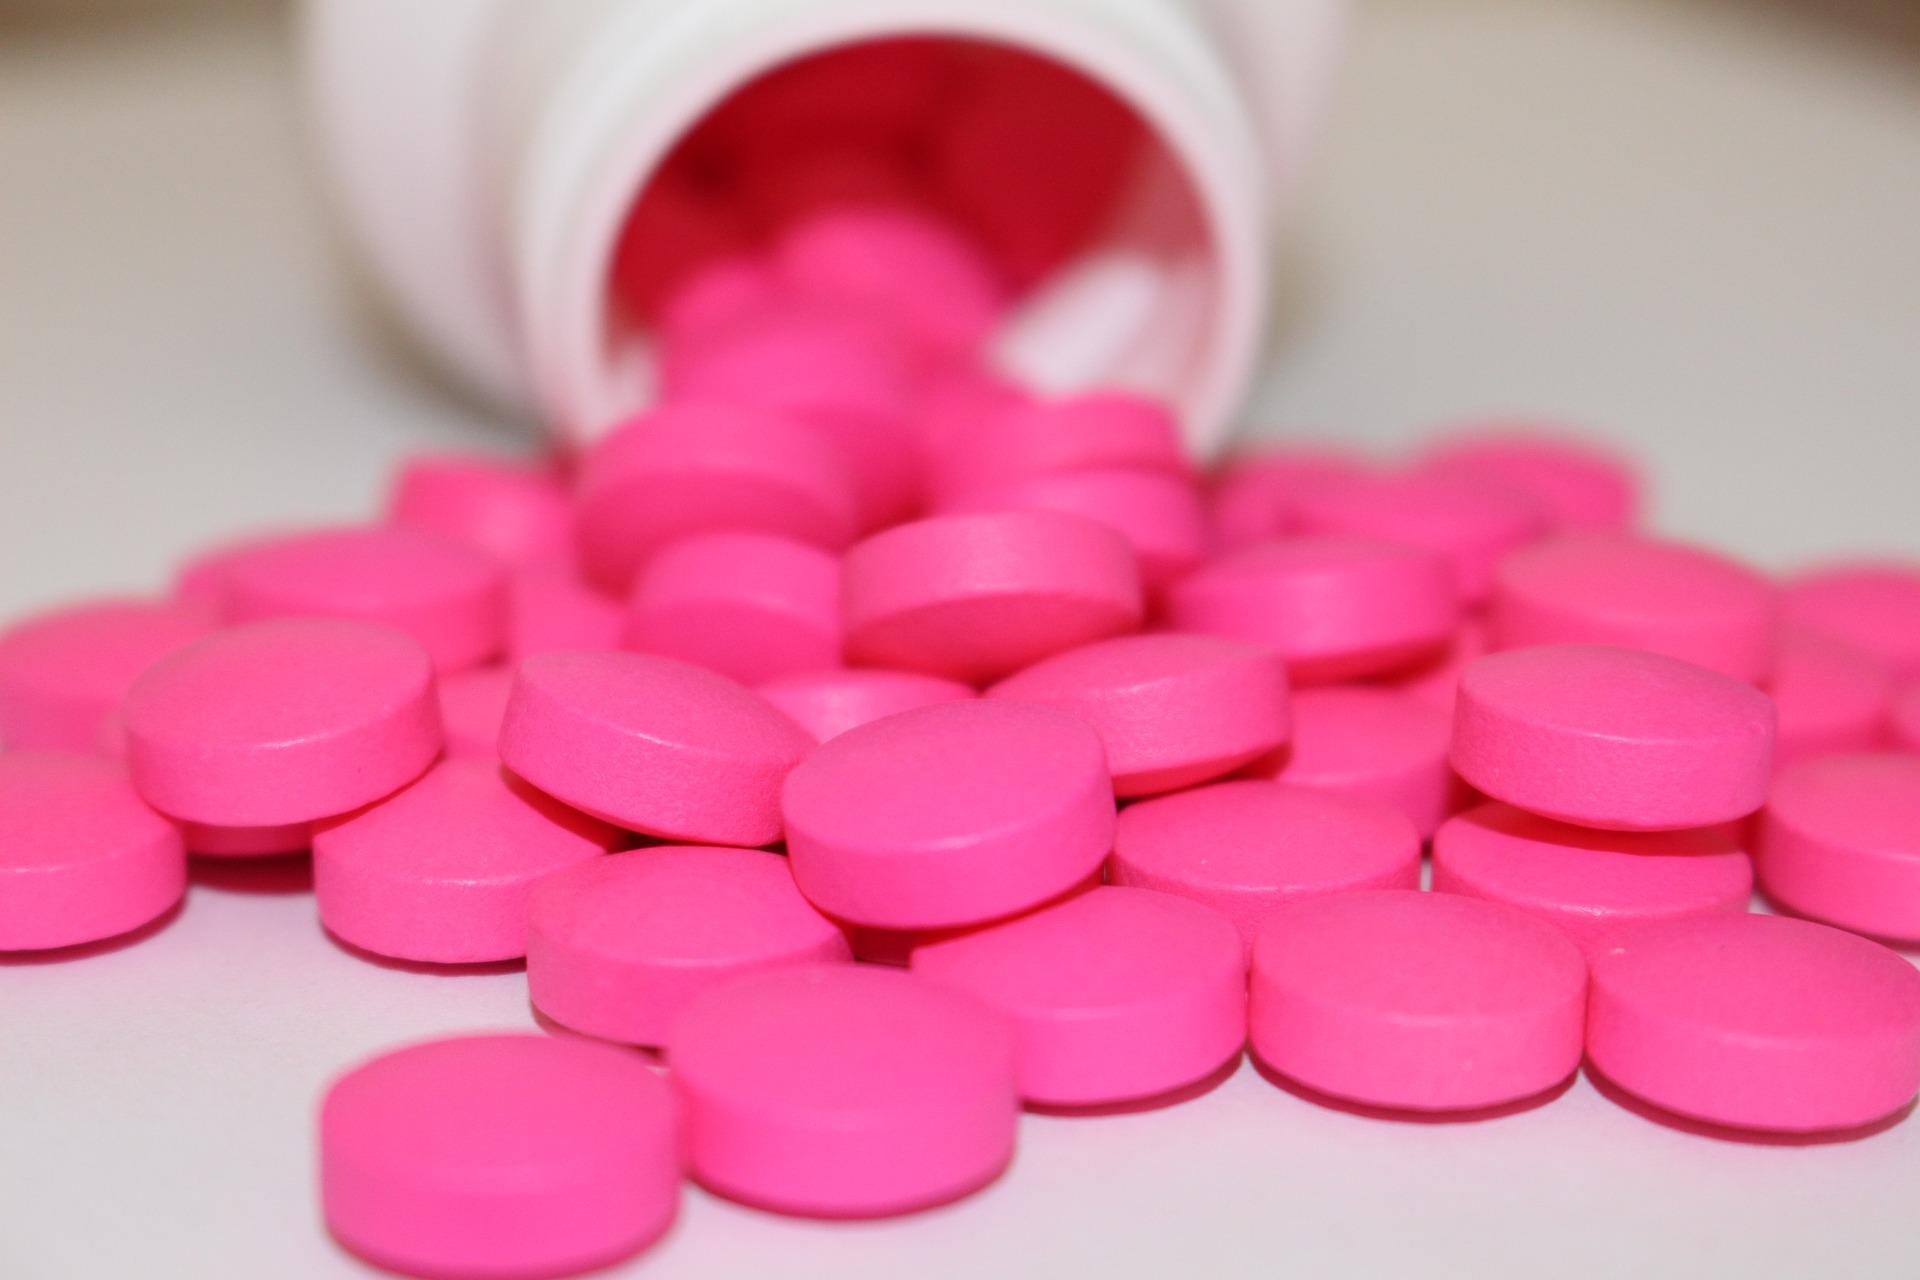 Употребление клубных наркотиков